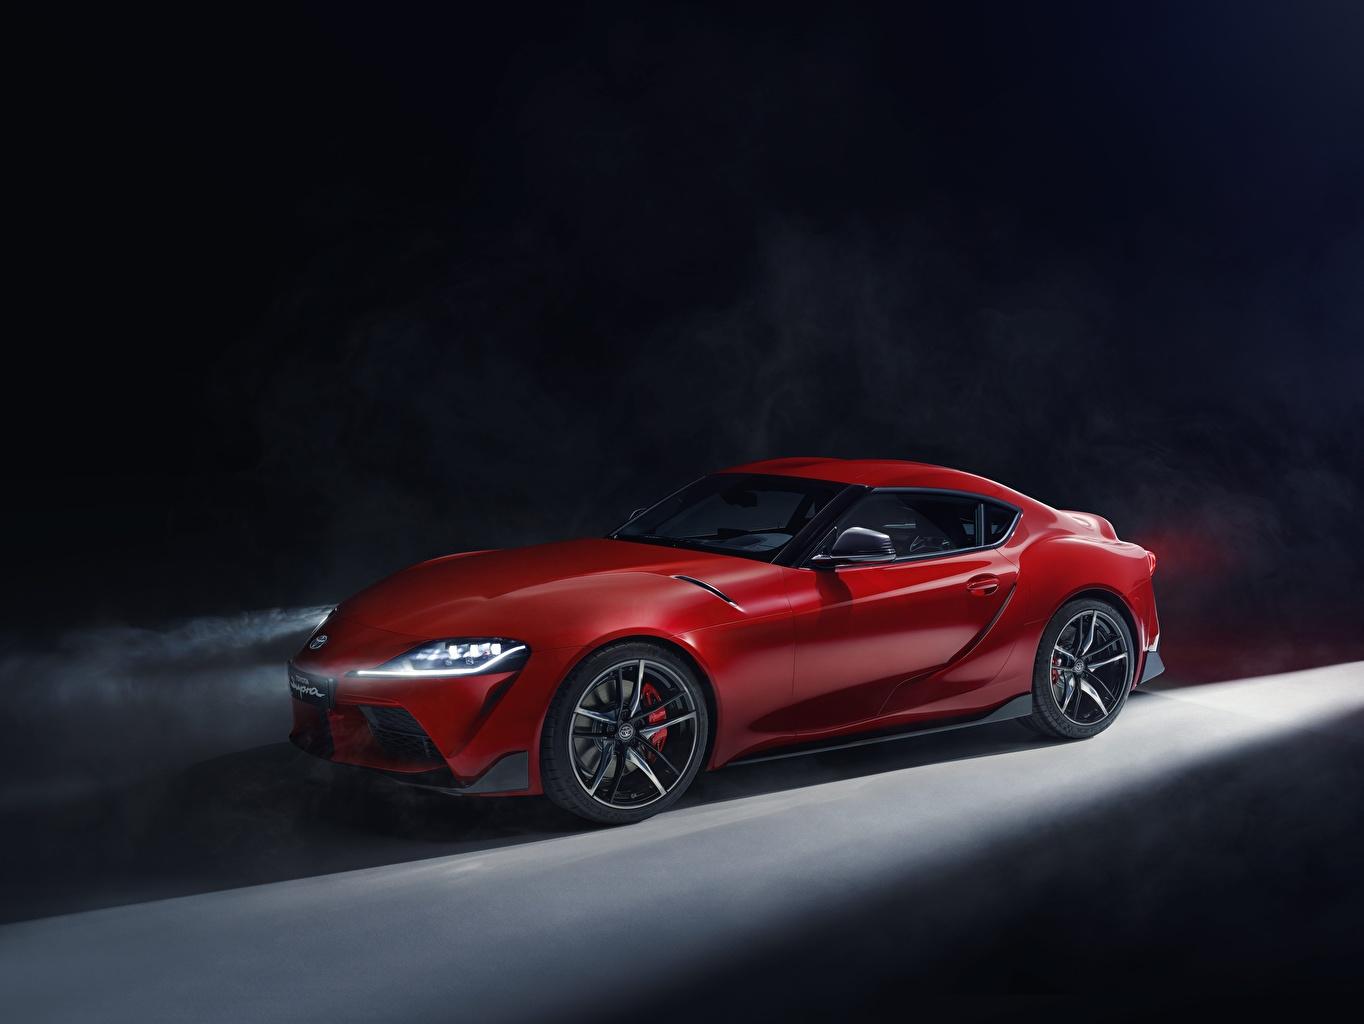 Обои для рабочего стола Toyota Supra 2019 Красный машина Тойота красных красные красная авто машины автомобиль Автомобили